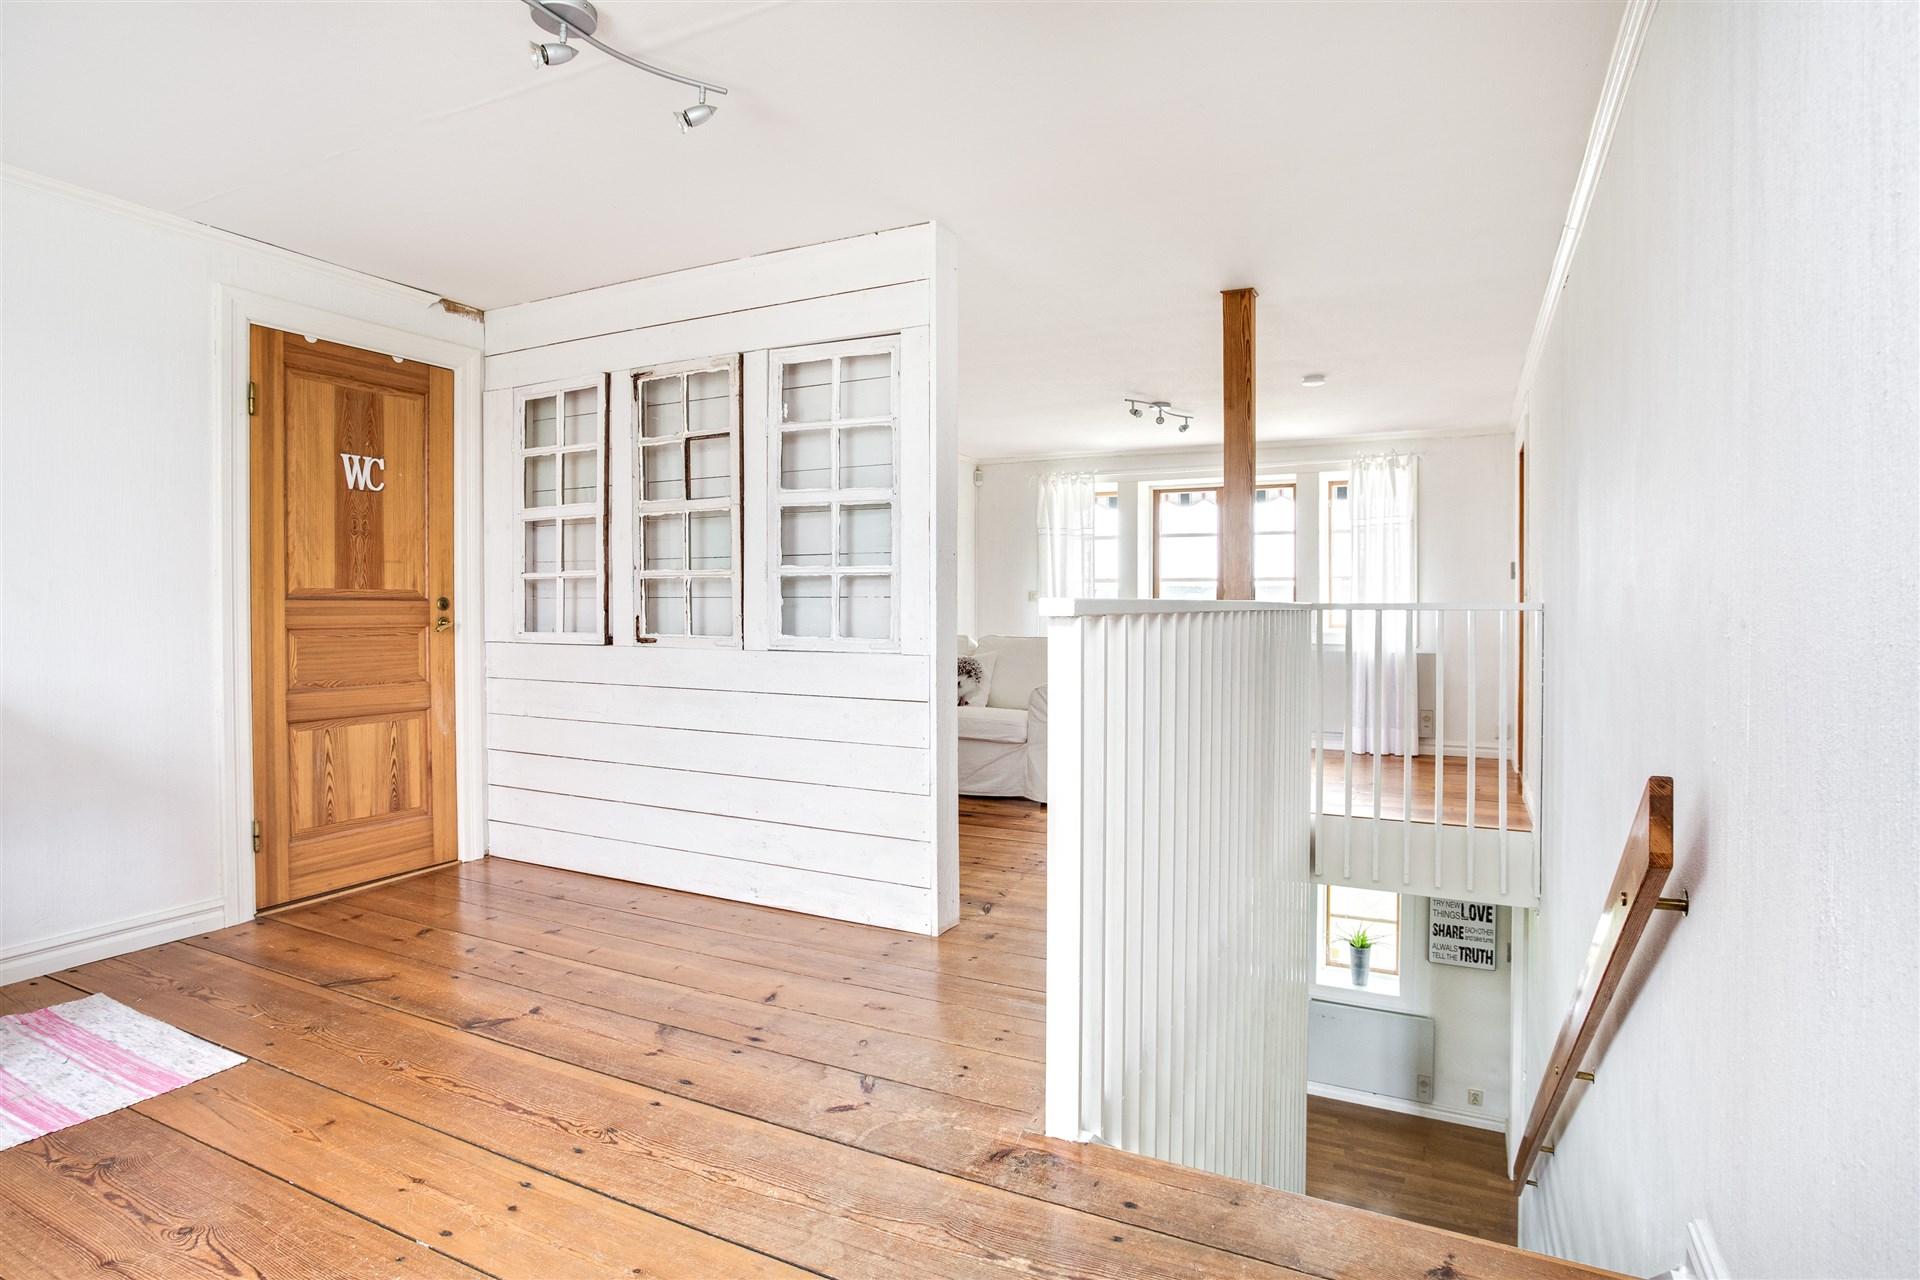 Allrummet har en avskiljande vägg med gamla fönster mot ena sidan.